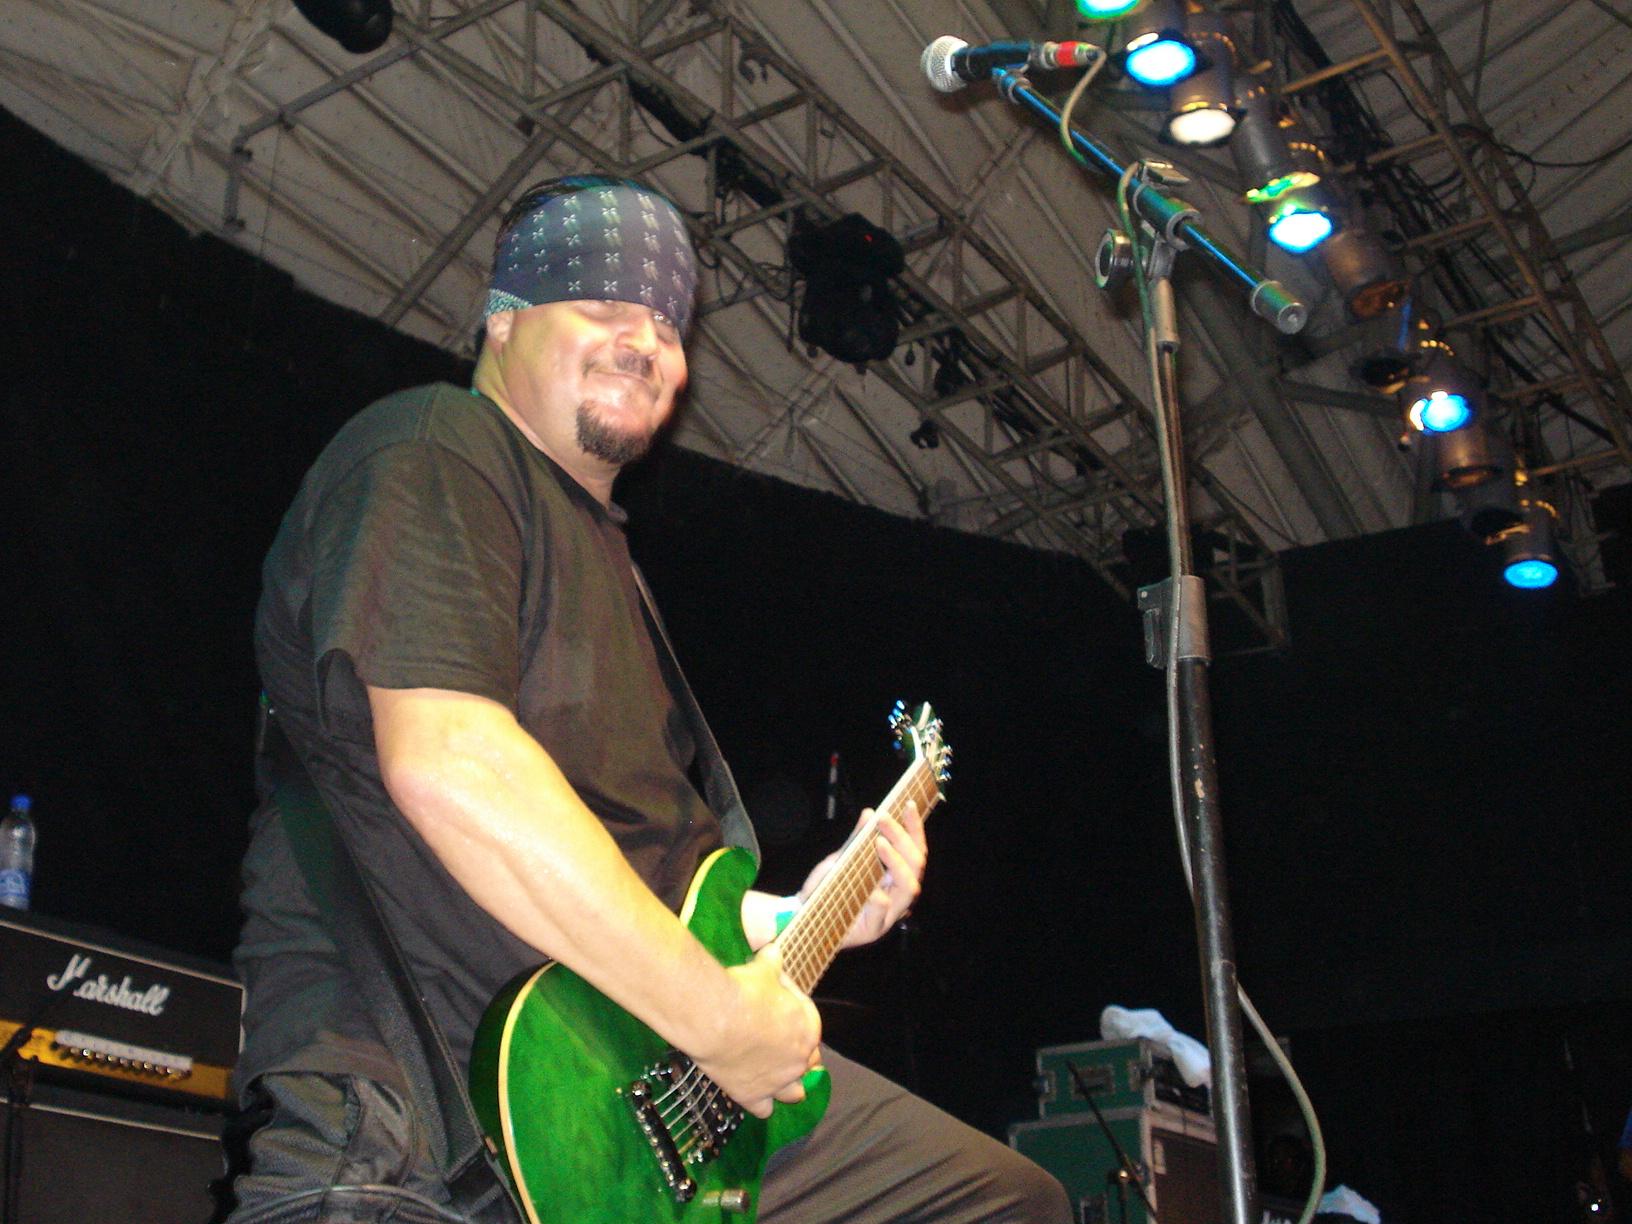 Brother Clark, em show no RJ, ano passado. Foto sacada pelo camarada Eduardo Santana.